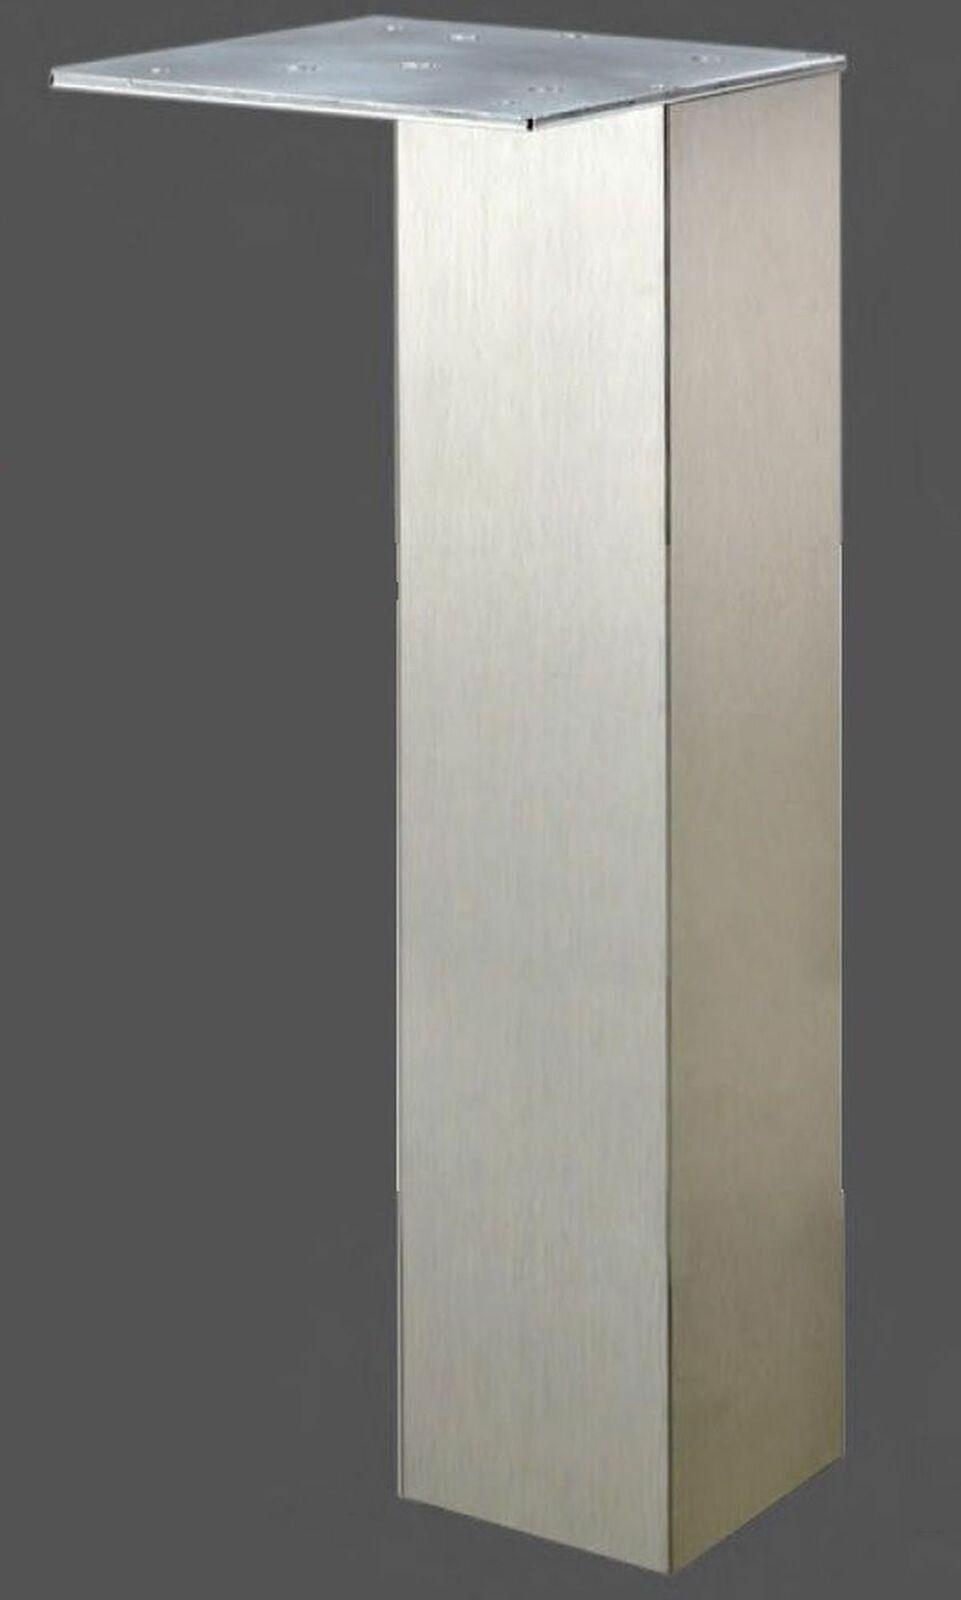 wesco mobel tischbein 8 x 8 cm stutz tischfuss 87 cm tragkraft max 200 kg